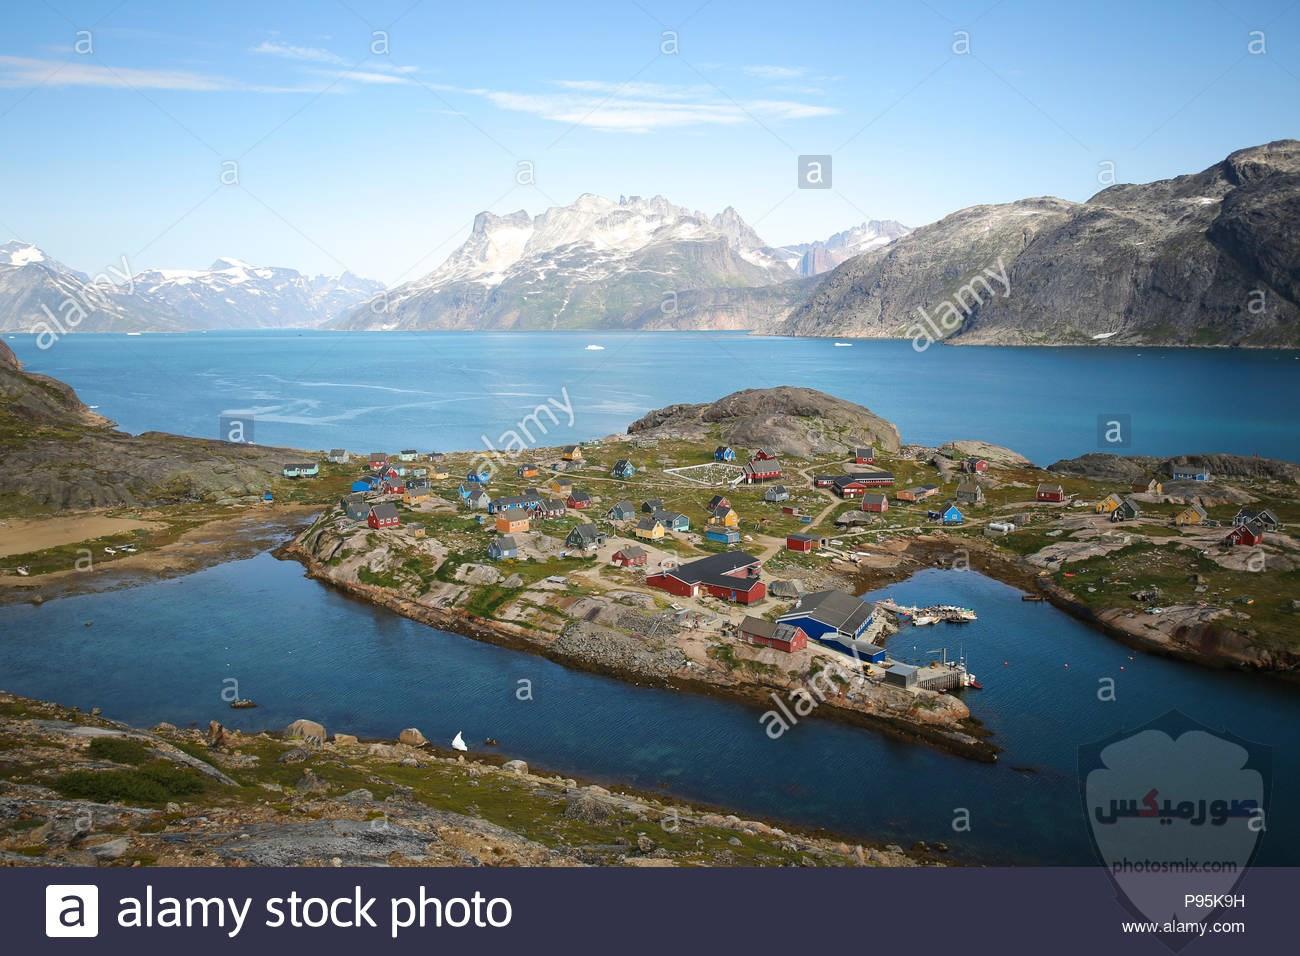 اجمل صور جبال في العالم 6